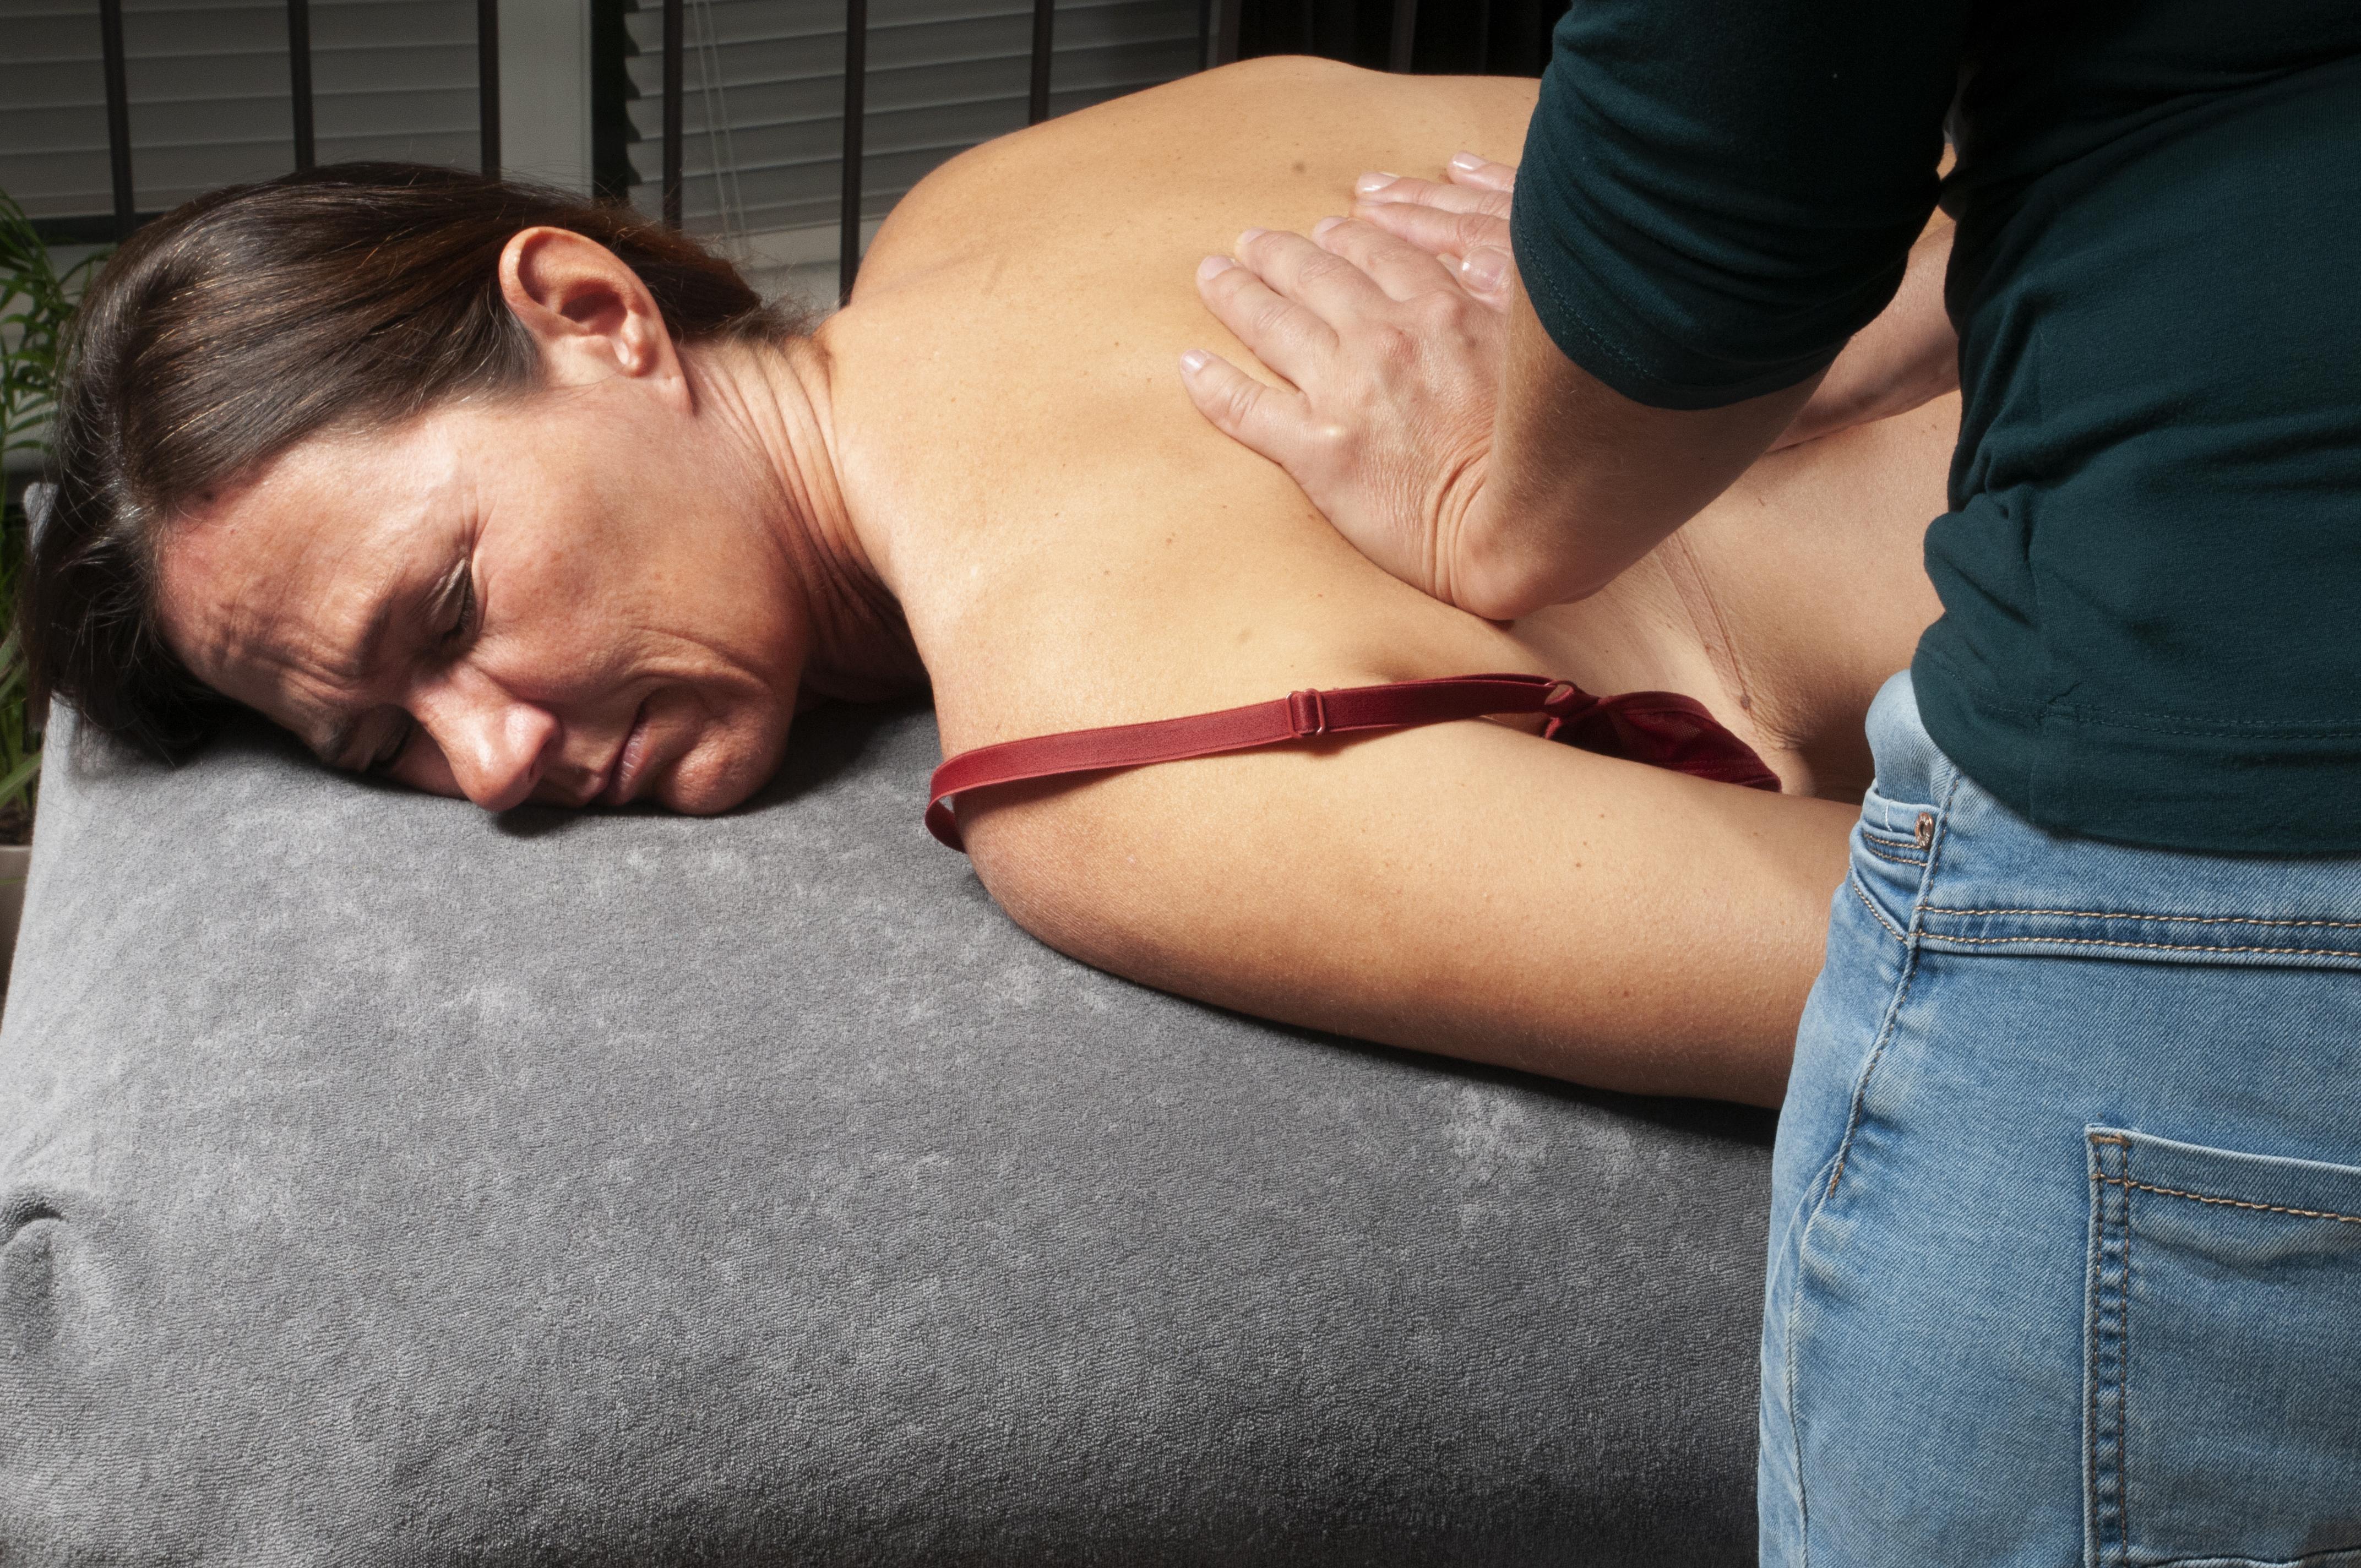 Haptotherapie - onderzoek door aanraking hoe klant omgaat met druk